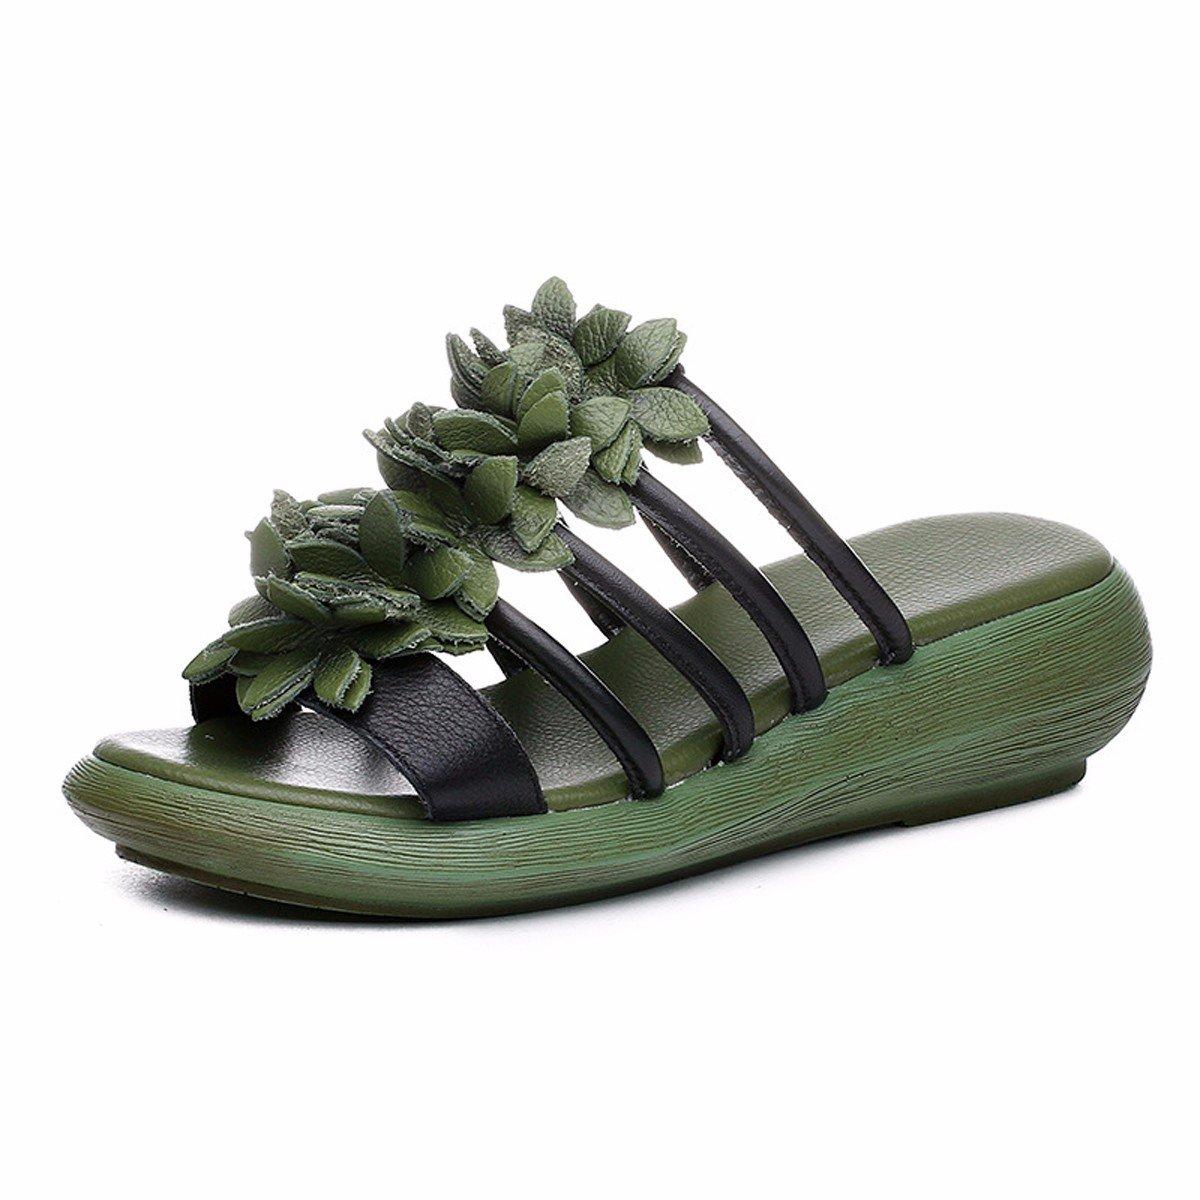 GTVERNH Zapatillas de Verano para Mujer, Flores, Tacones de Cuero, Zapatos de Piel para Restaurar Las Antiguas Maneras, Amarillo, Forty Forty|amarillo